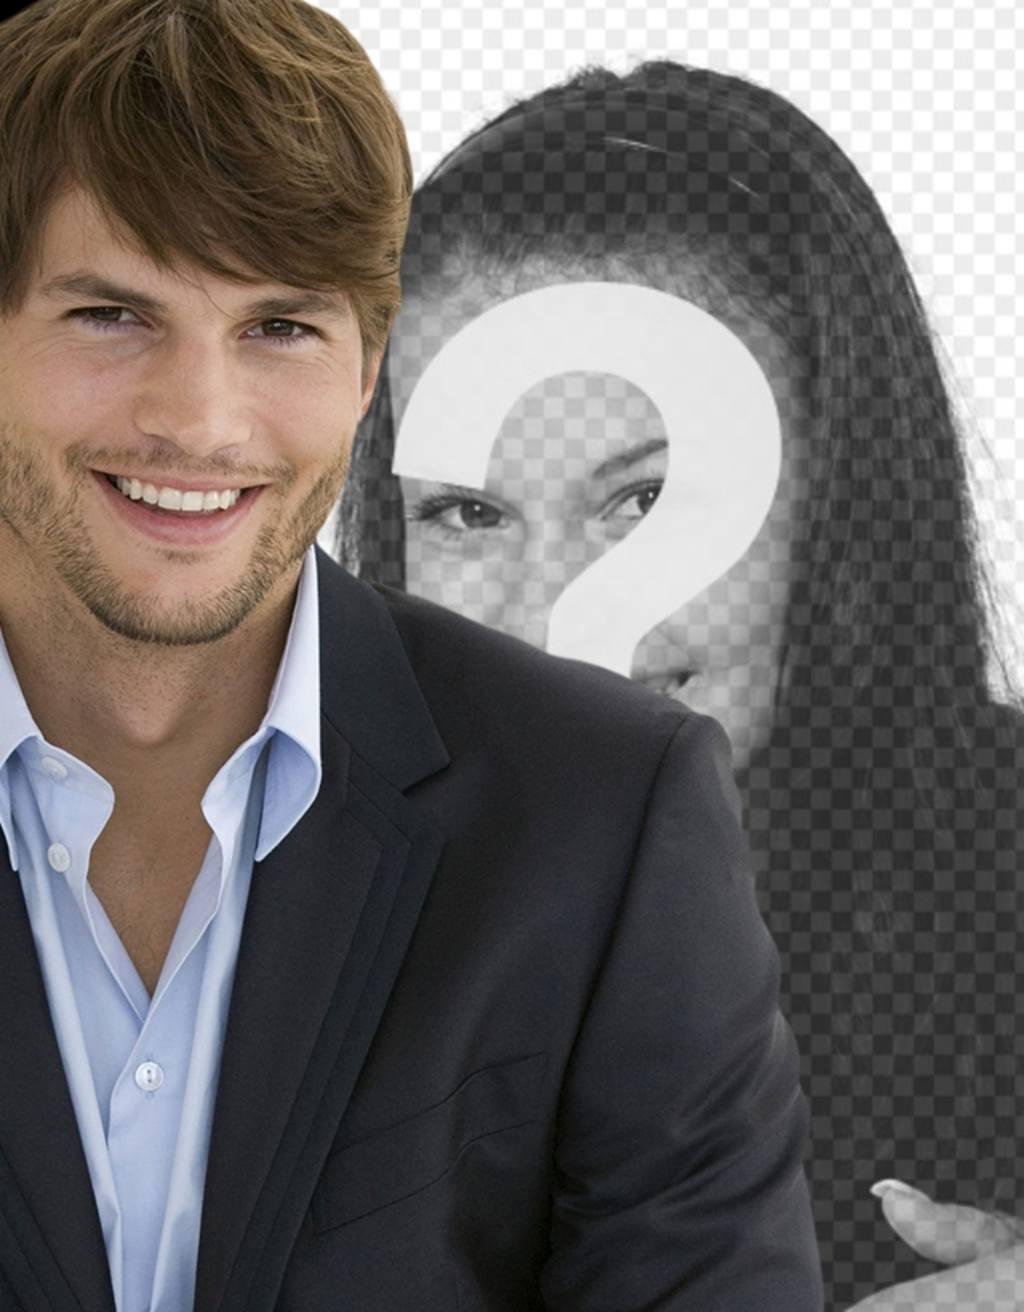 fotomontaje ashton kutcher vestido traje barba tres dias pelo corto foto